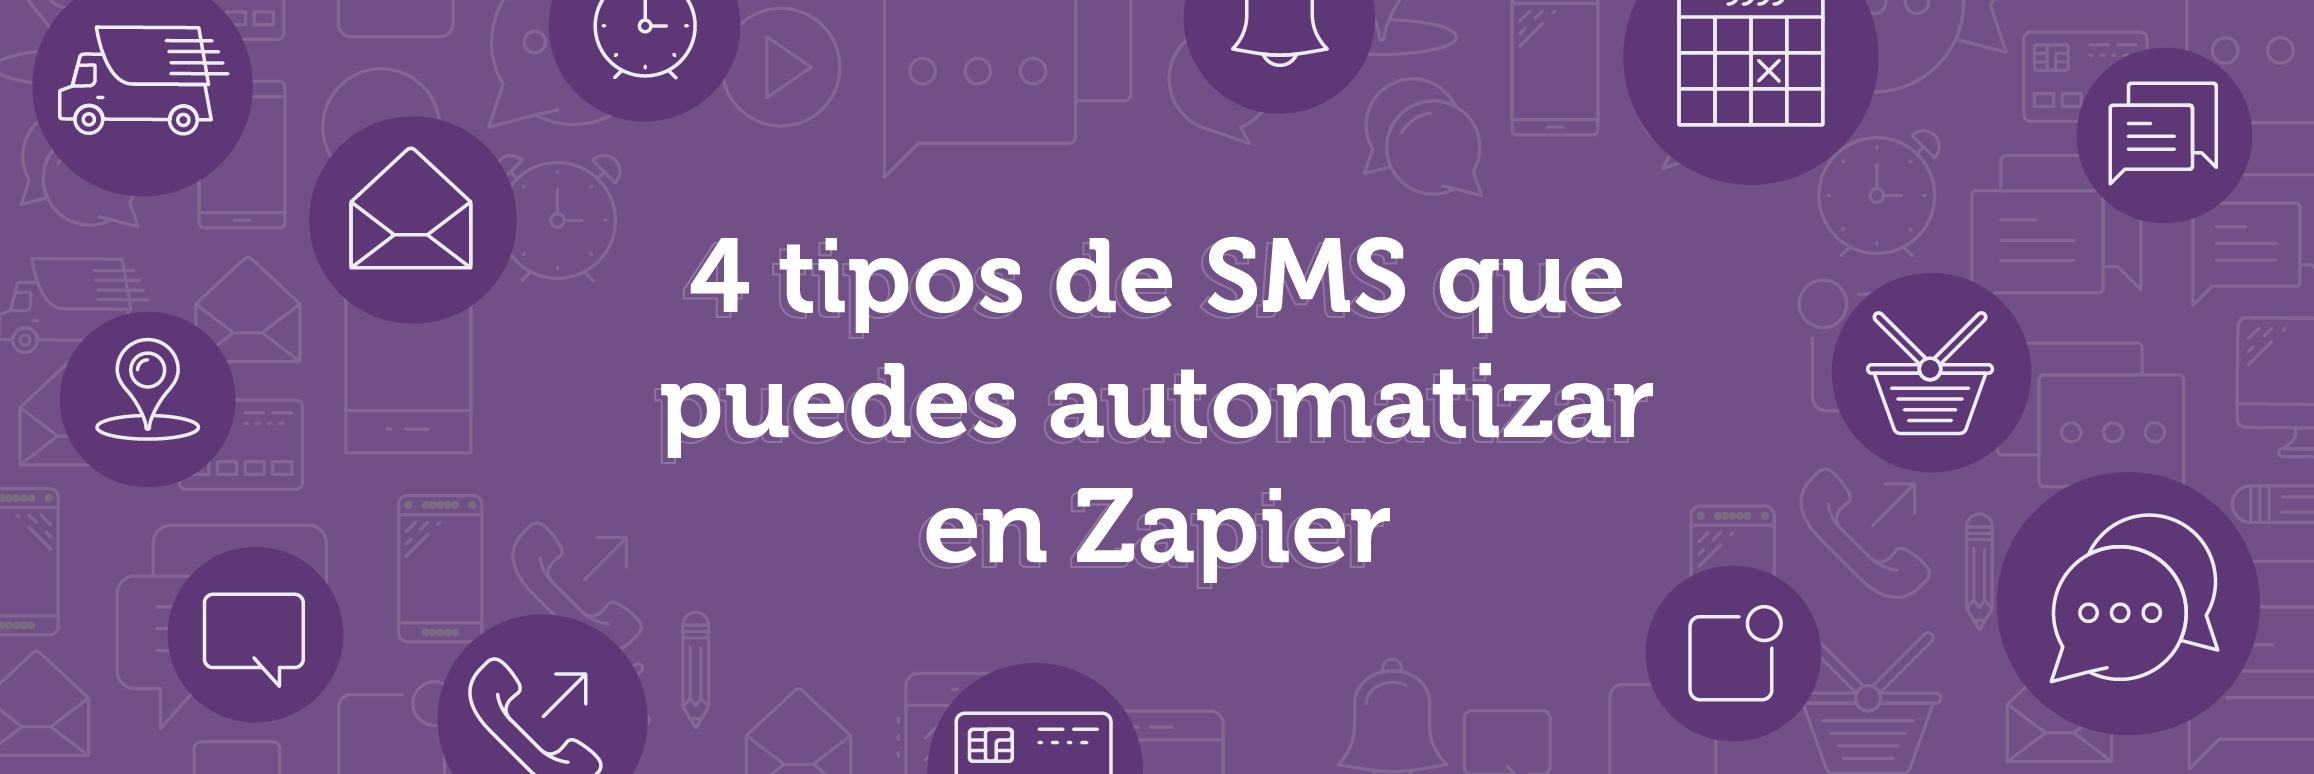 4 tipos de SMS que puedes automatizar en Zapier